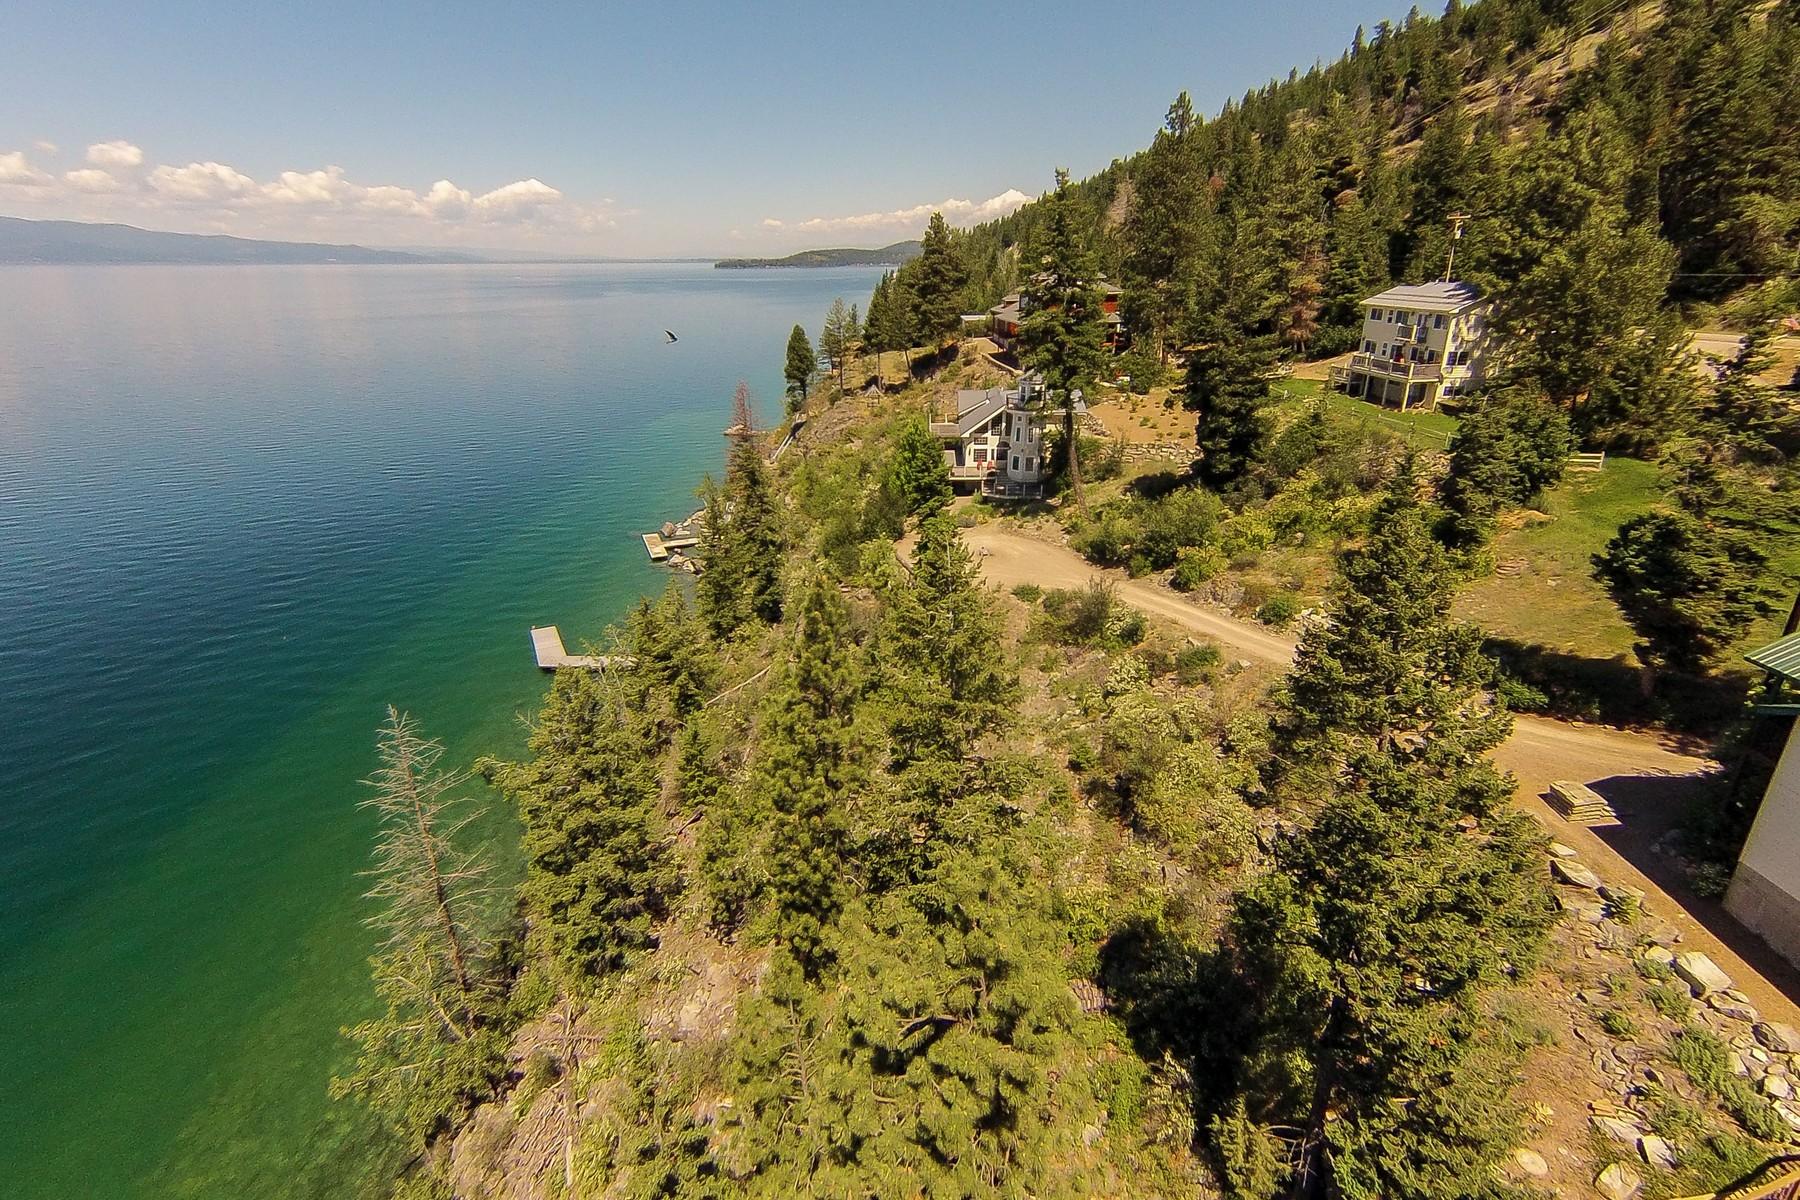 Частный односемейный дом для того Продажа на The Lighthouse 17349 Fishing Rock Ln Bigfork, Монтана, 59911 Соединенные Штаты